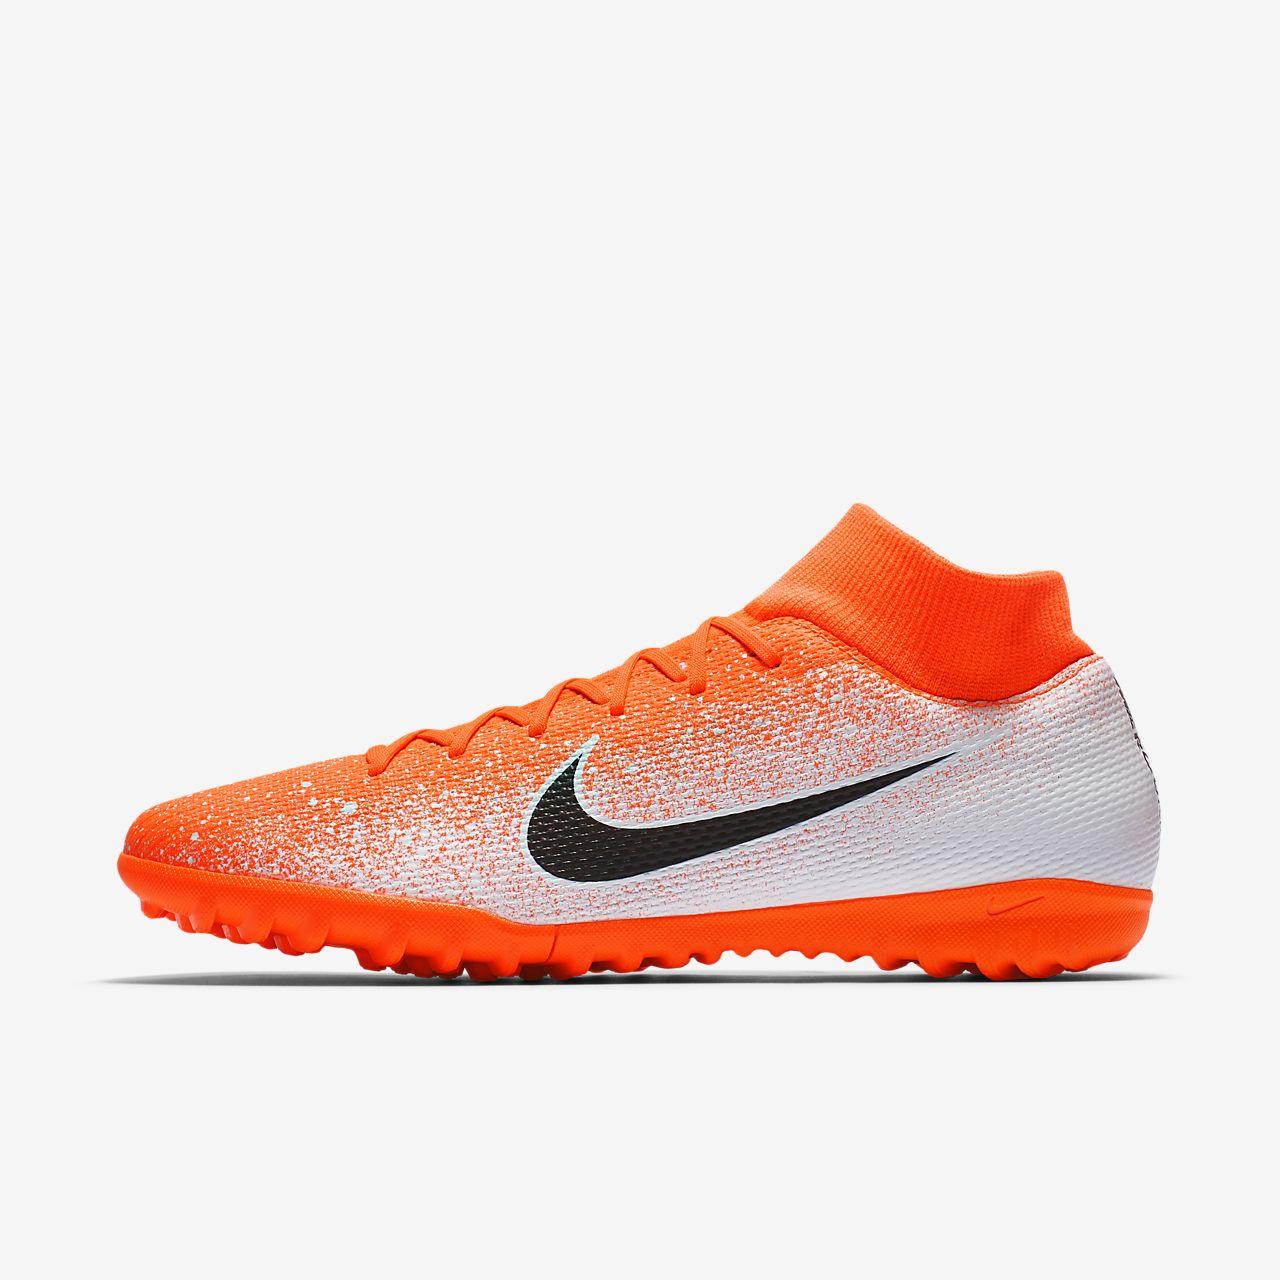 scarpe da calcio nike per erba sintetica